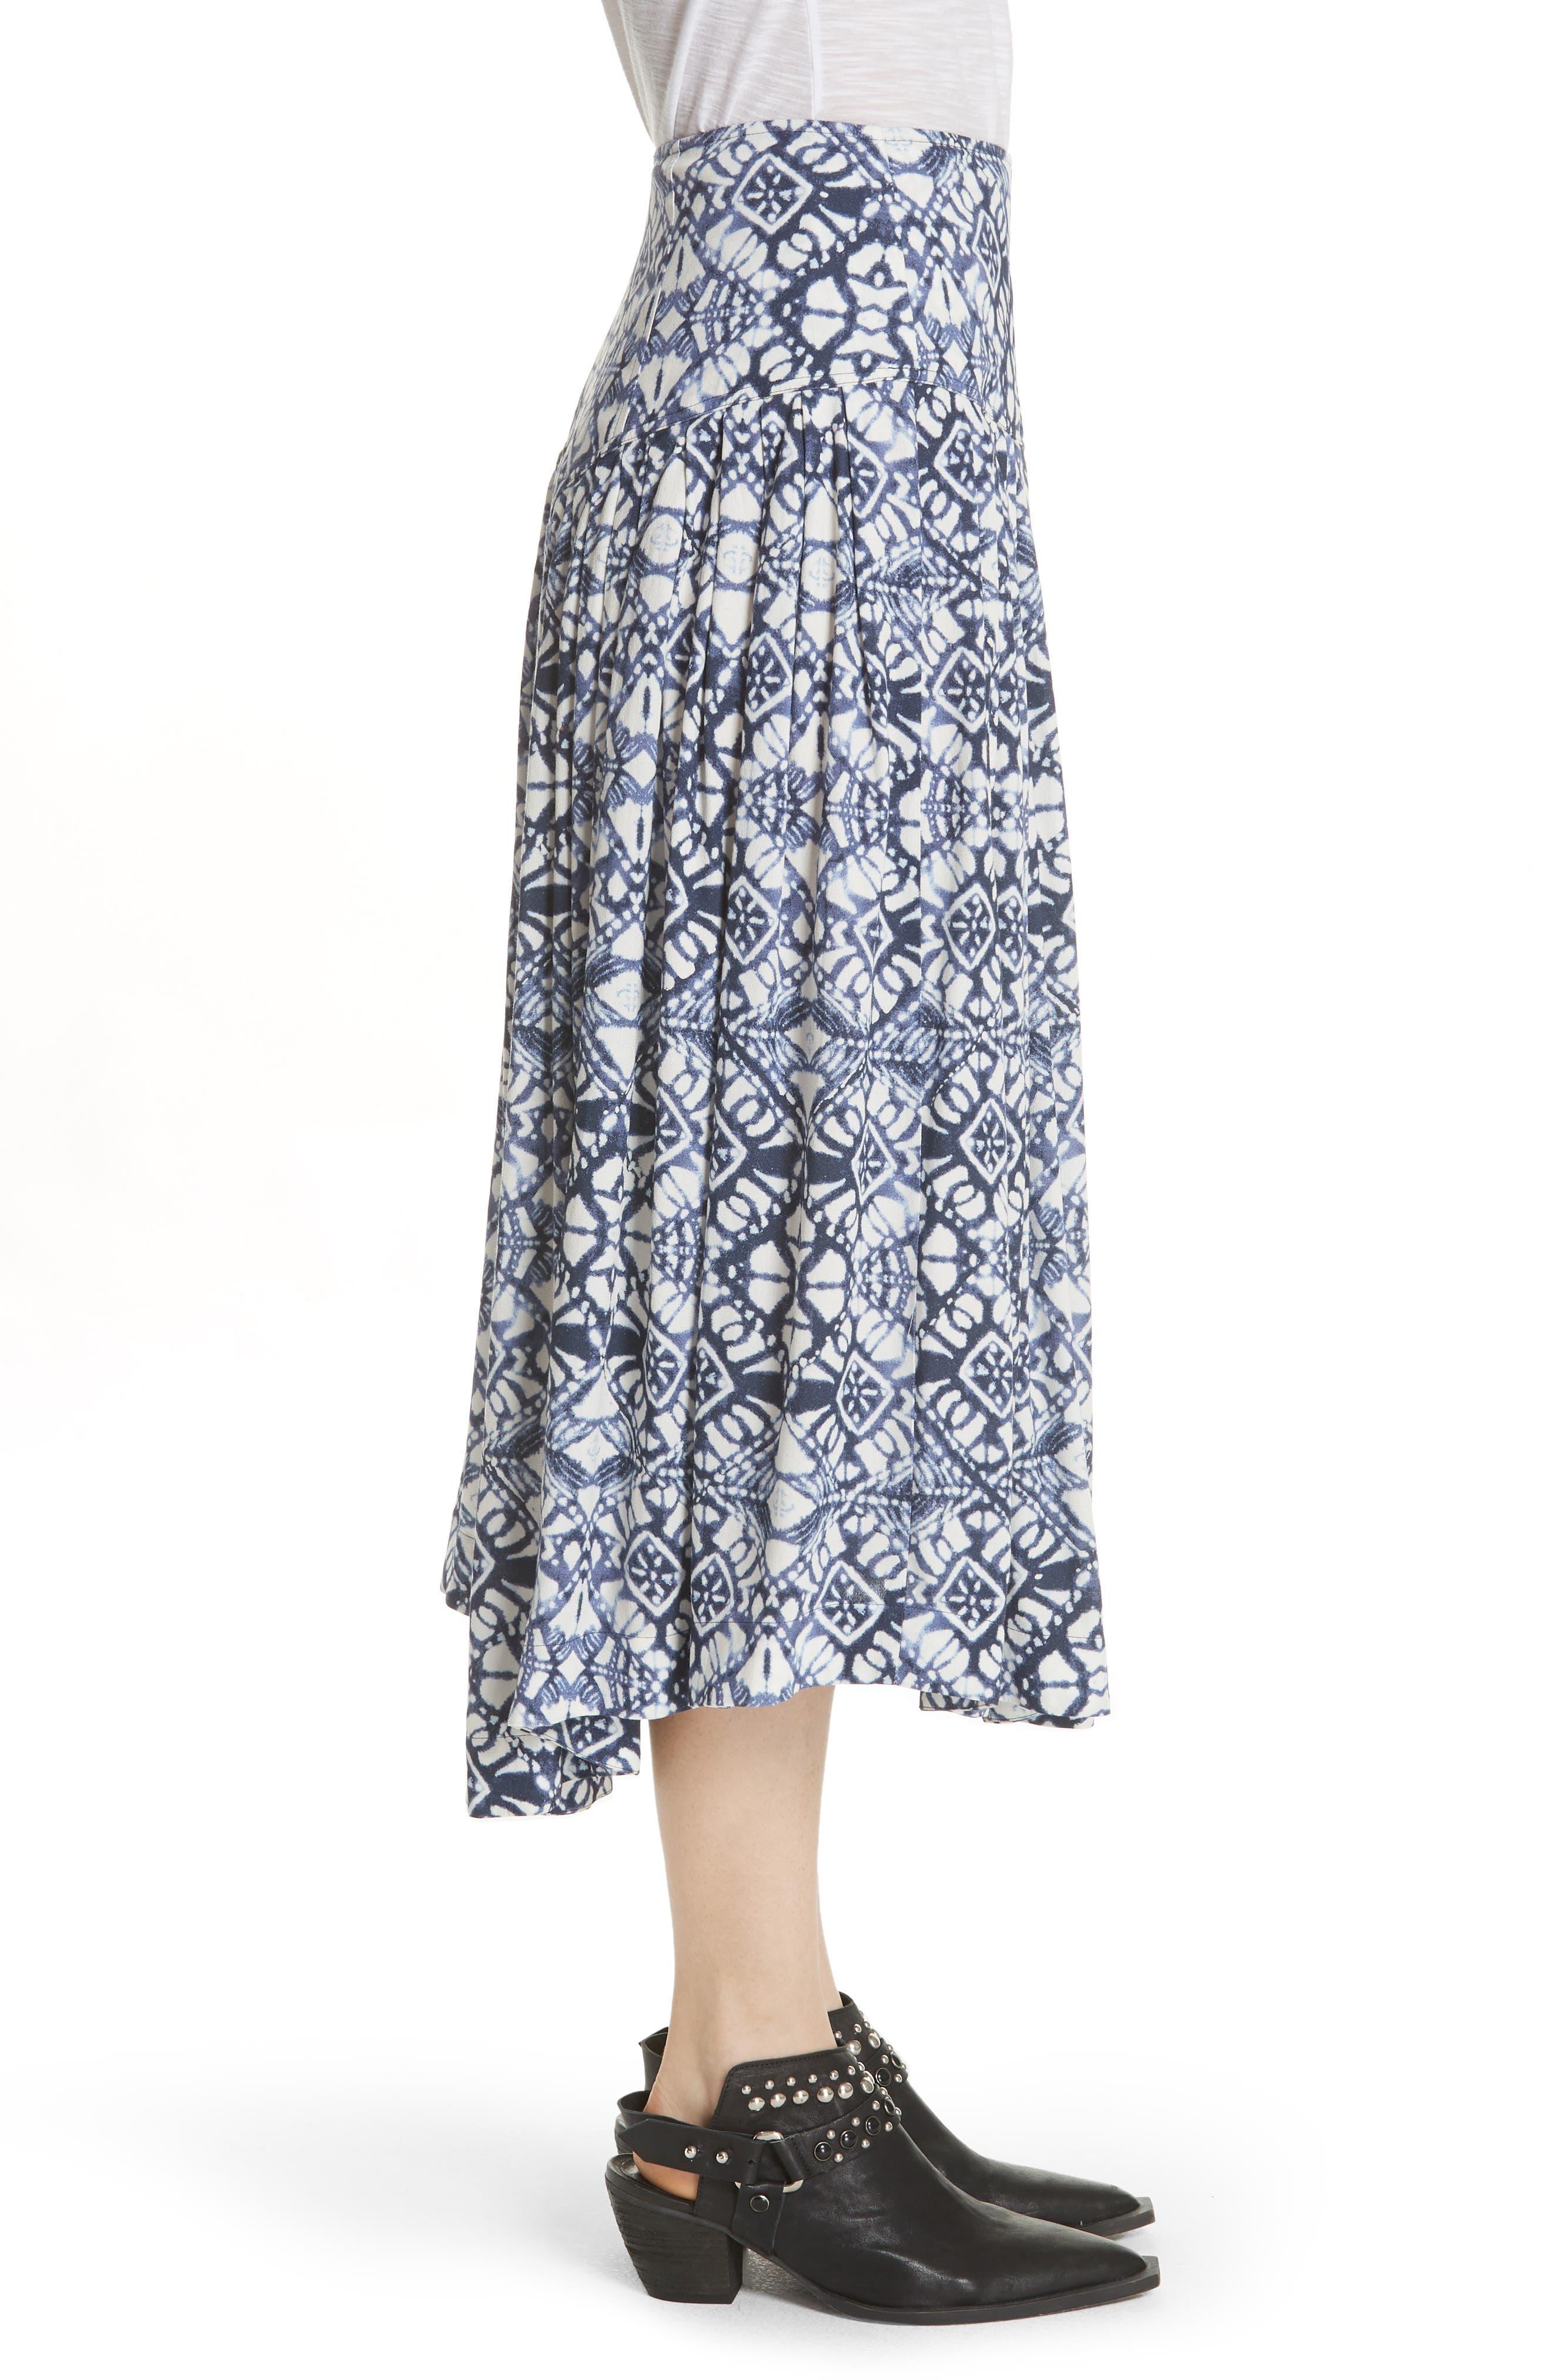 Lovers Dream Midi Skirt,                             Alternate thumbnail 3, color,                             401